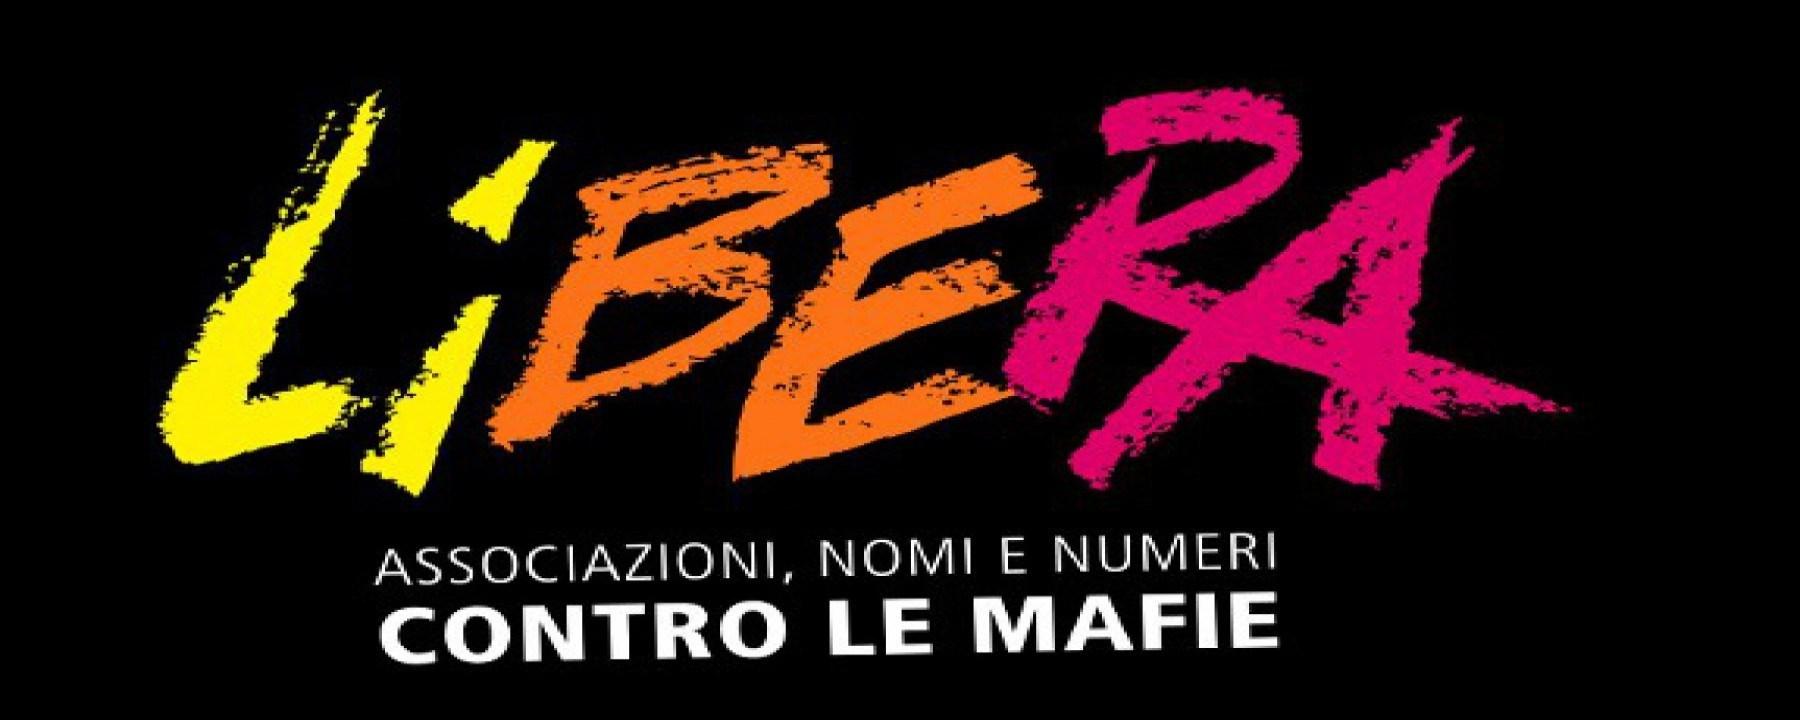 Logo di Libera, l'associazione fondata da don Ciotti nel 1995 per combattere le mafie e ricordare le vittime innocenti di questa terribile piaga sociale